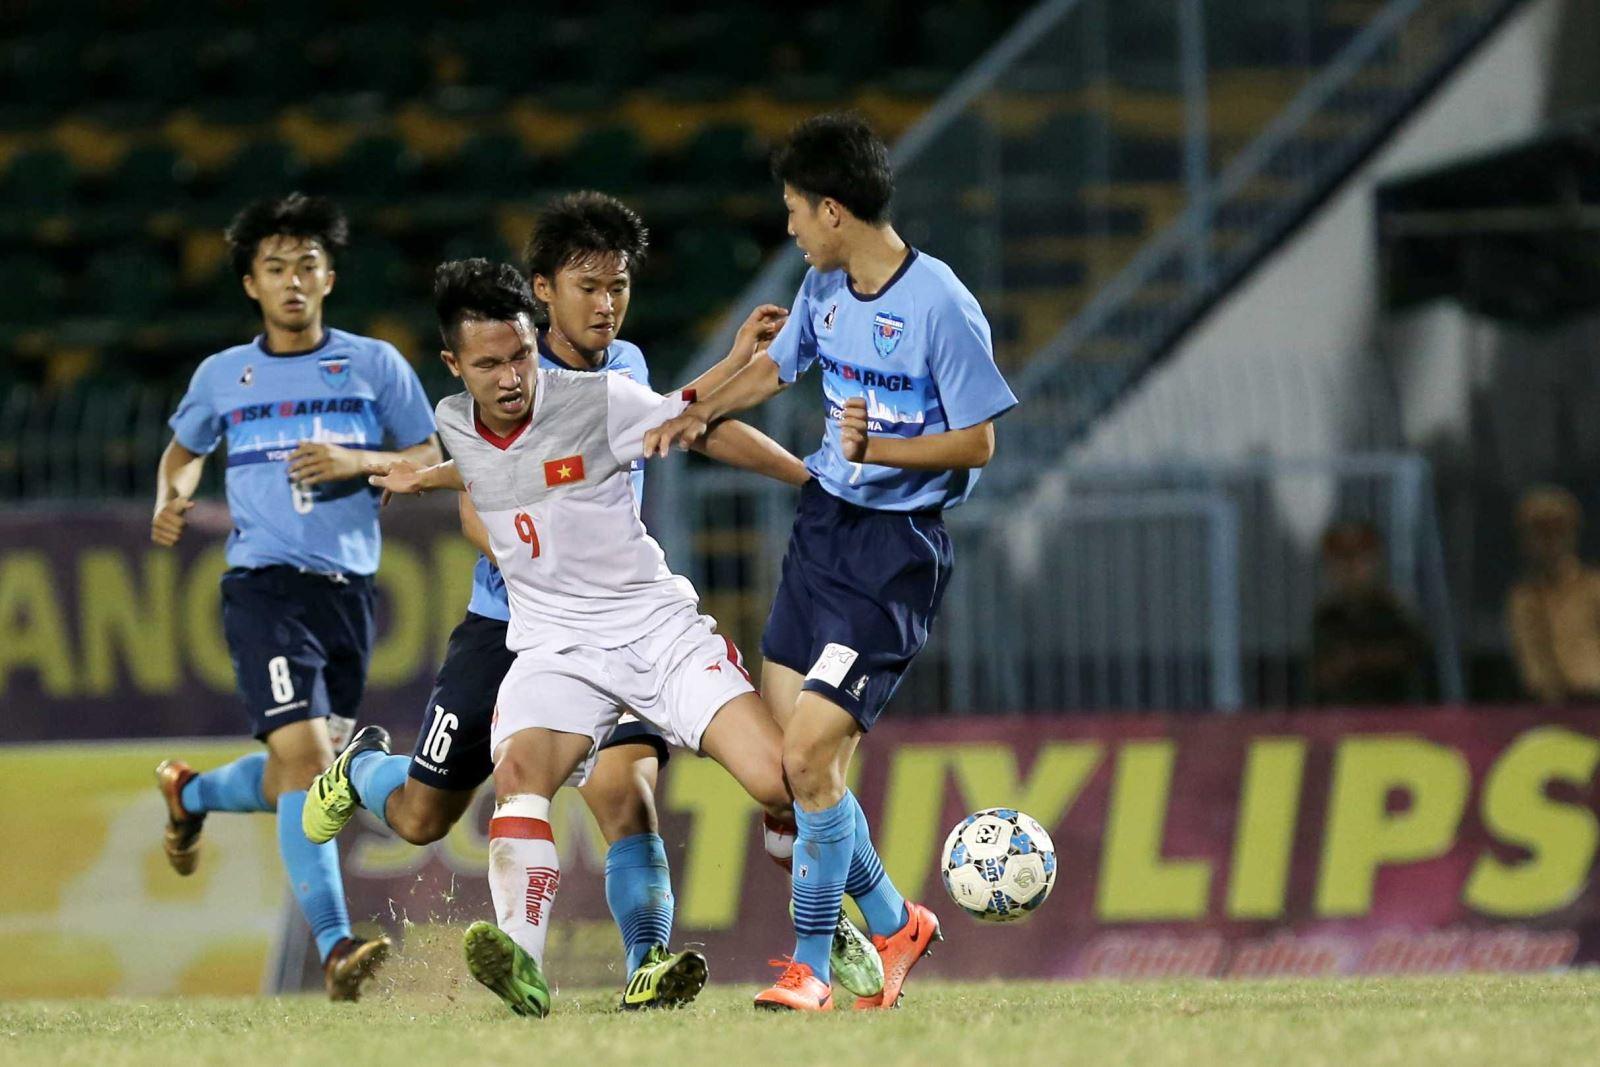 Ngọc Sơn nhận thẻ đỏ khiến U21 Việt Nam gặp khó ở chung kết. Ảnh: Anh Lập